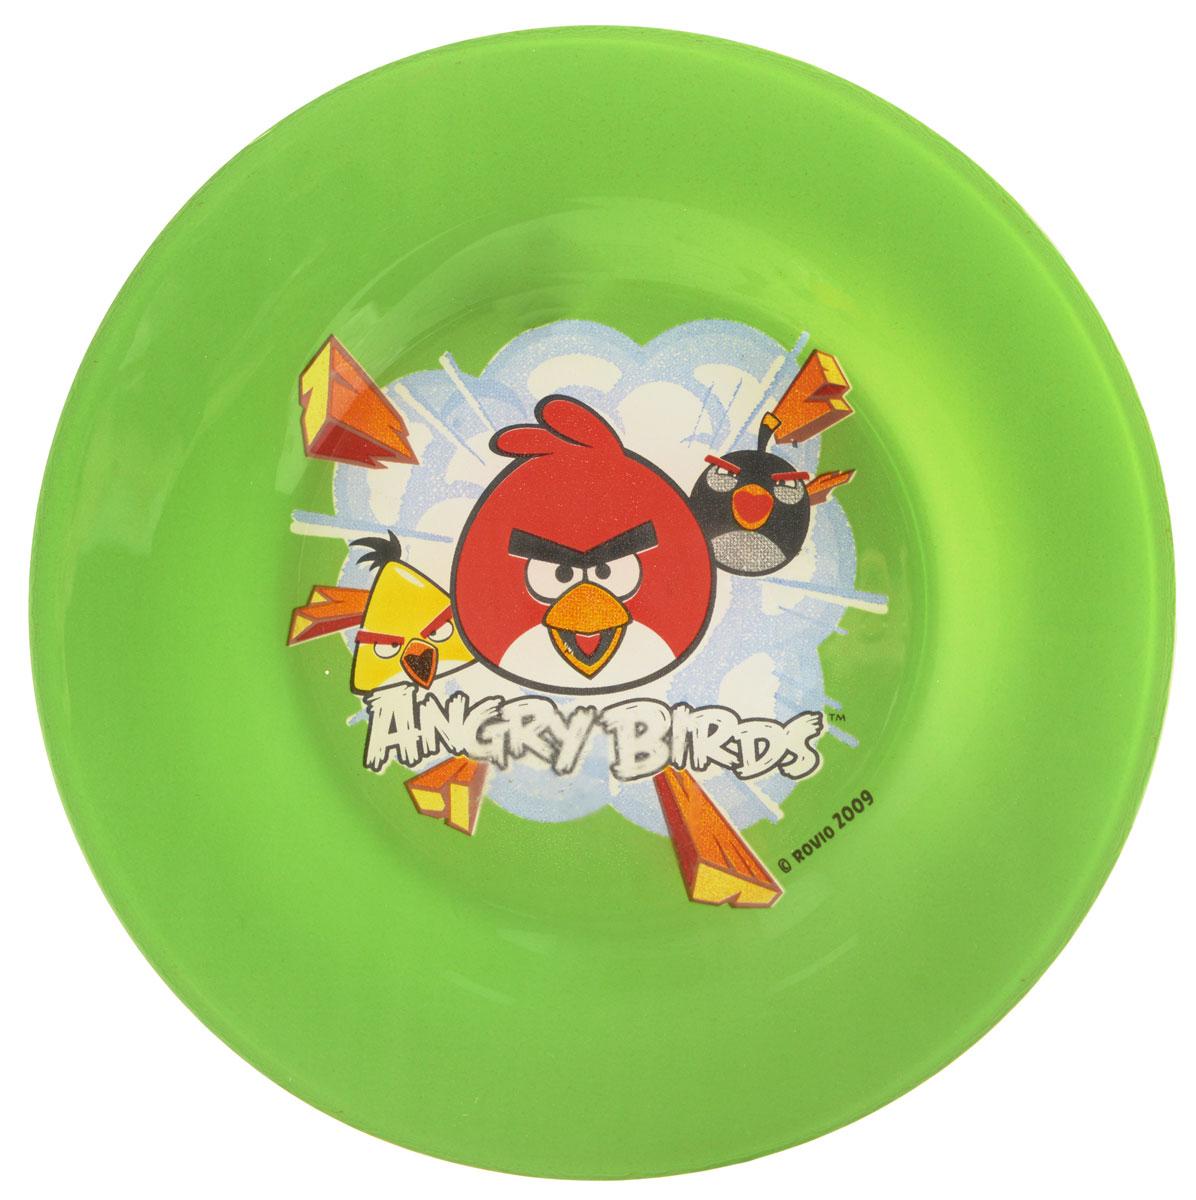 Angry Birds Тарелка детская цвет зеленый диаметр 19,5 см17310_оранжевый/желтыйЯркая тарелка Angry Birds идеально подойдет для кормления малыша и самостоятельного приема им пищи. Тарелка выполнена из закаленного стекла и оформлена высококачественным изображением героев игры Angry Birds.Такой подарок станет не только приятным, но и практичным сувениром, добавит ярких эмоций вашему ребенку! Можно использовать в посудомоечной машине.